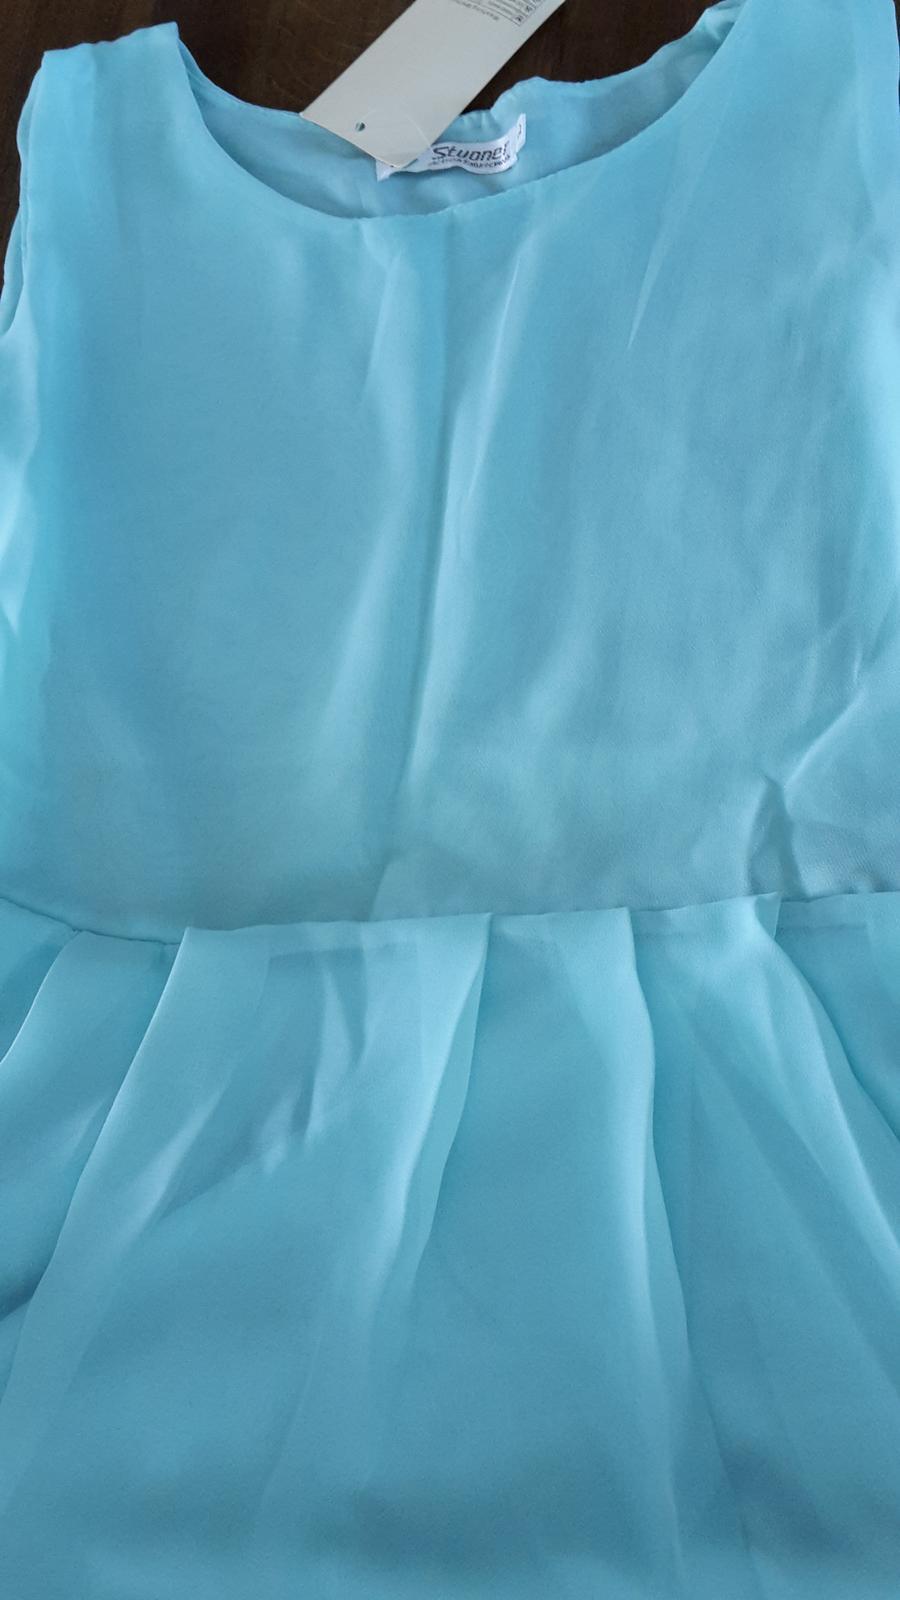 Asymetrické-polodlhé letné šaty, spoločenské šaty - Obrázok č. 4